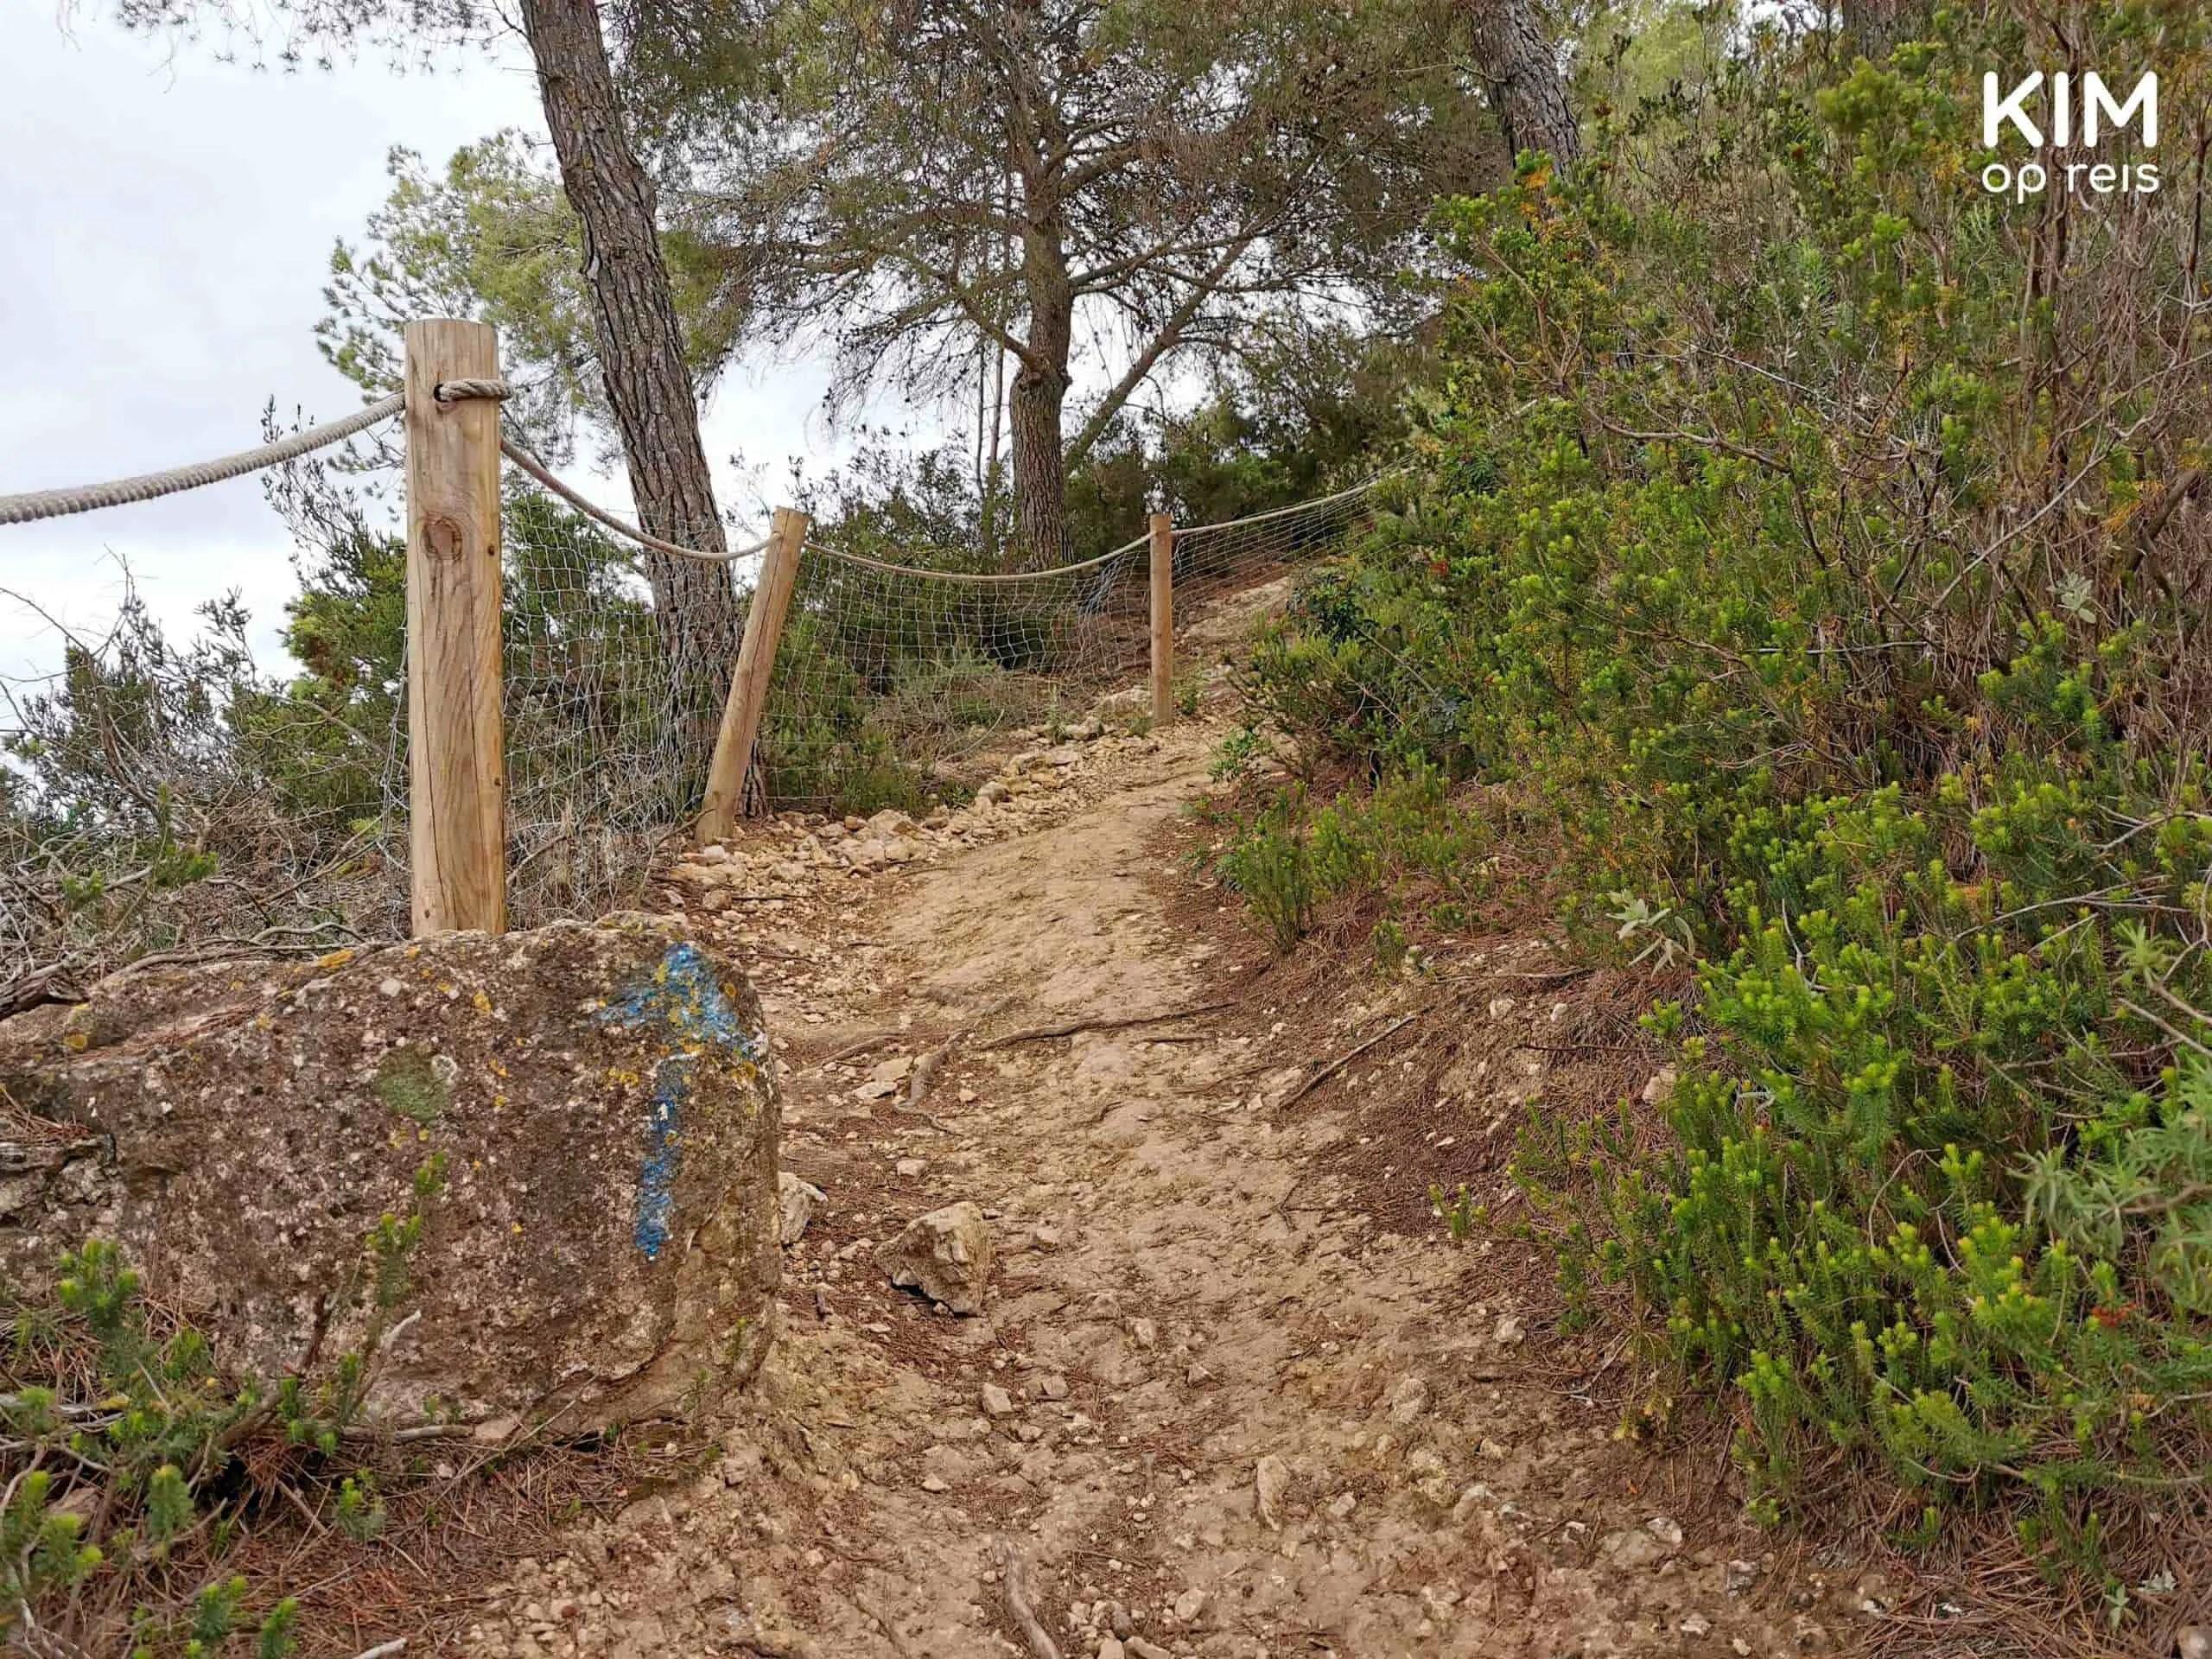 wandelpad Sa Talaia: steil stuk wandelpad met op een steen een blauwe pijl omhoog geschilderd